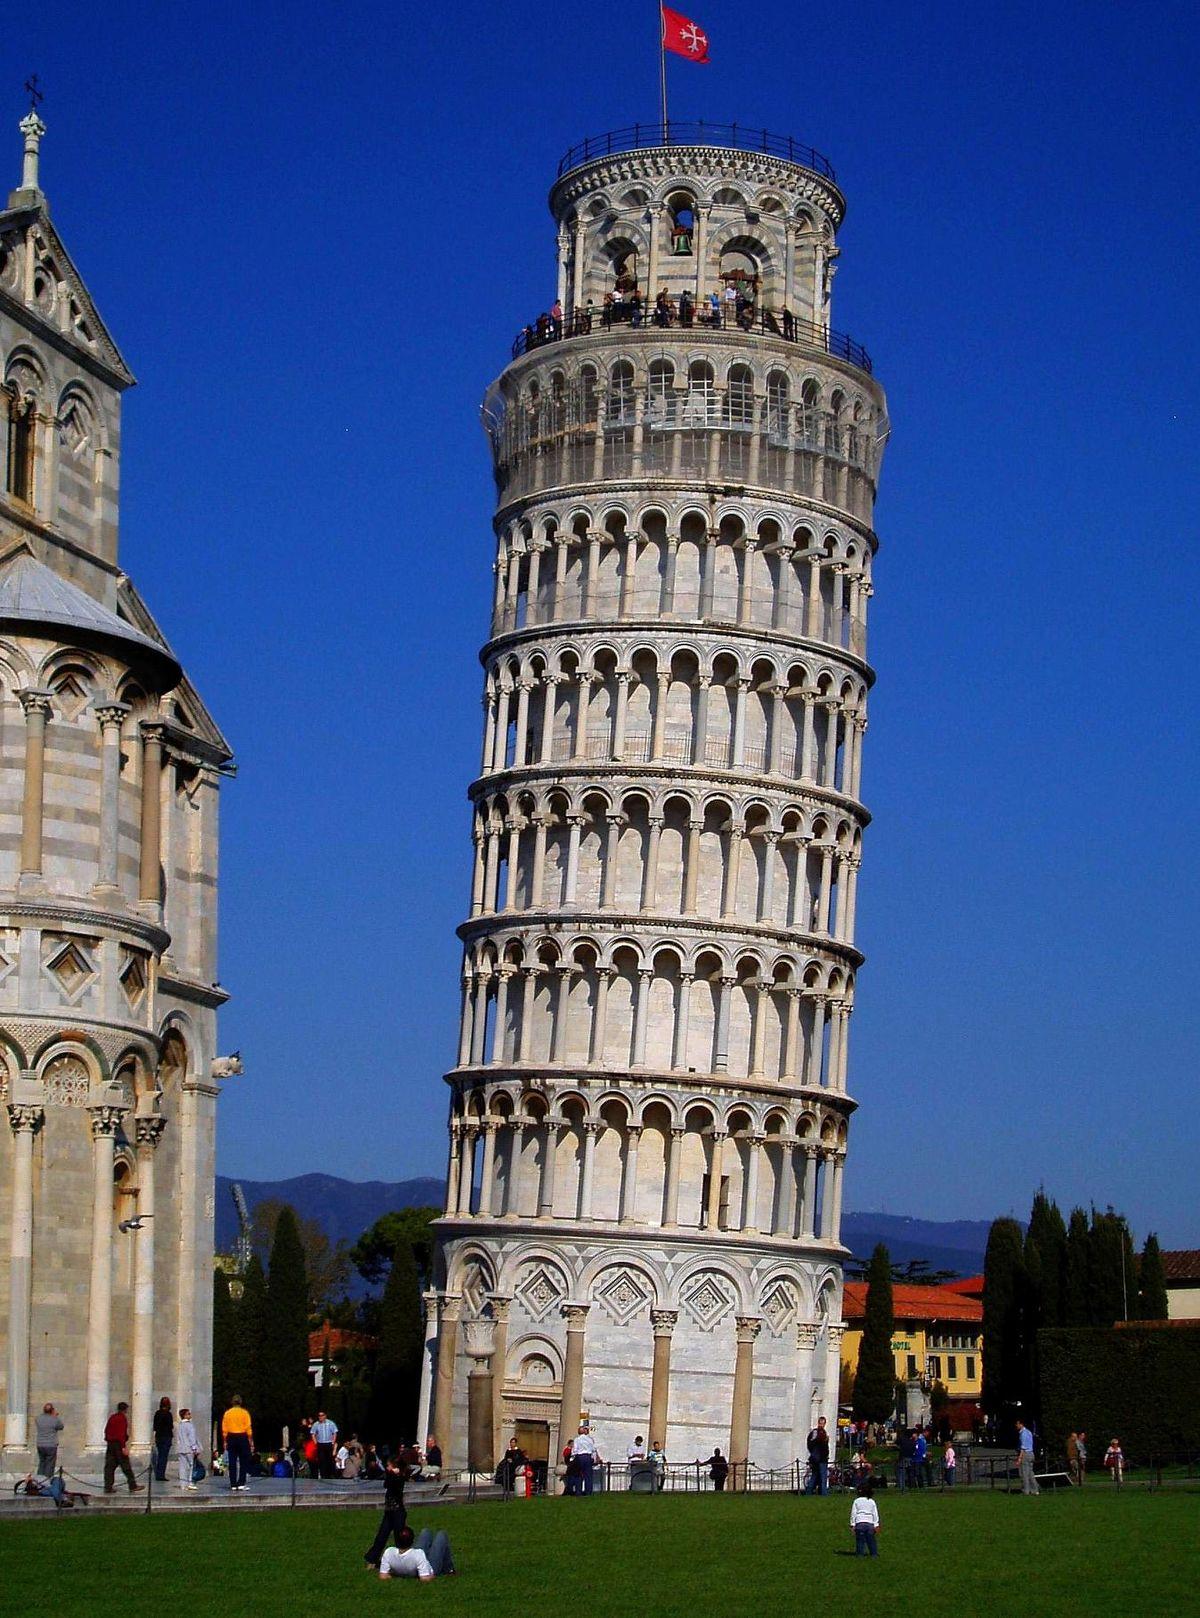 Torre Di Pisa Wikipedia